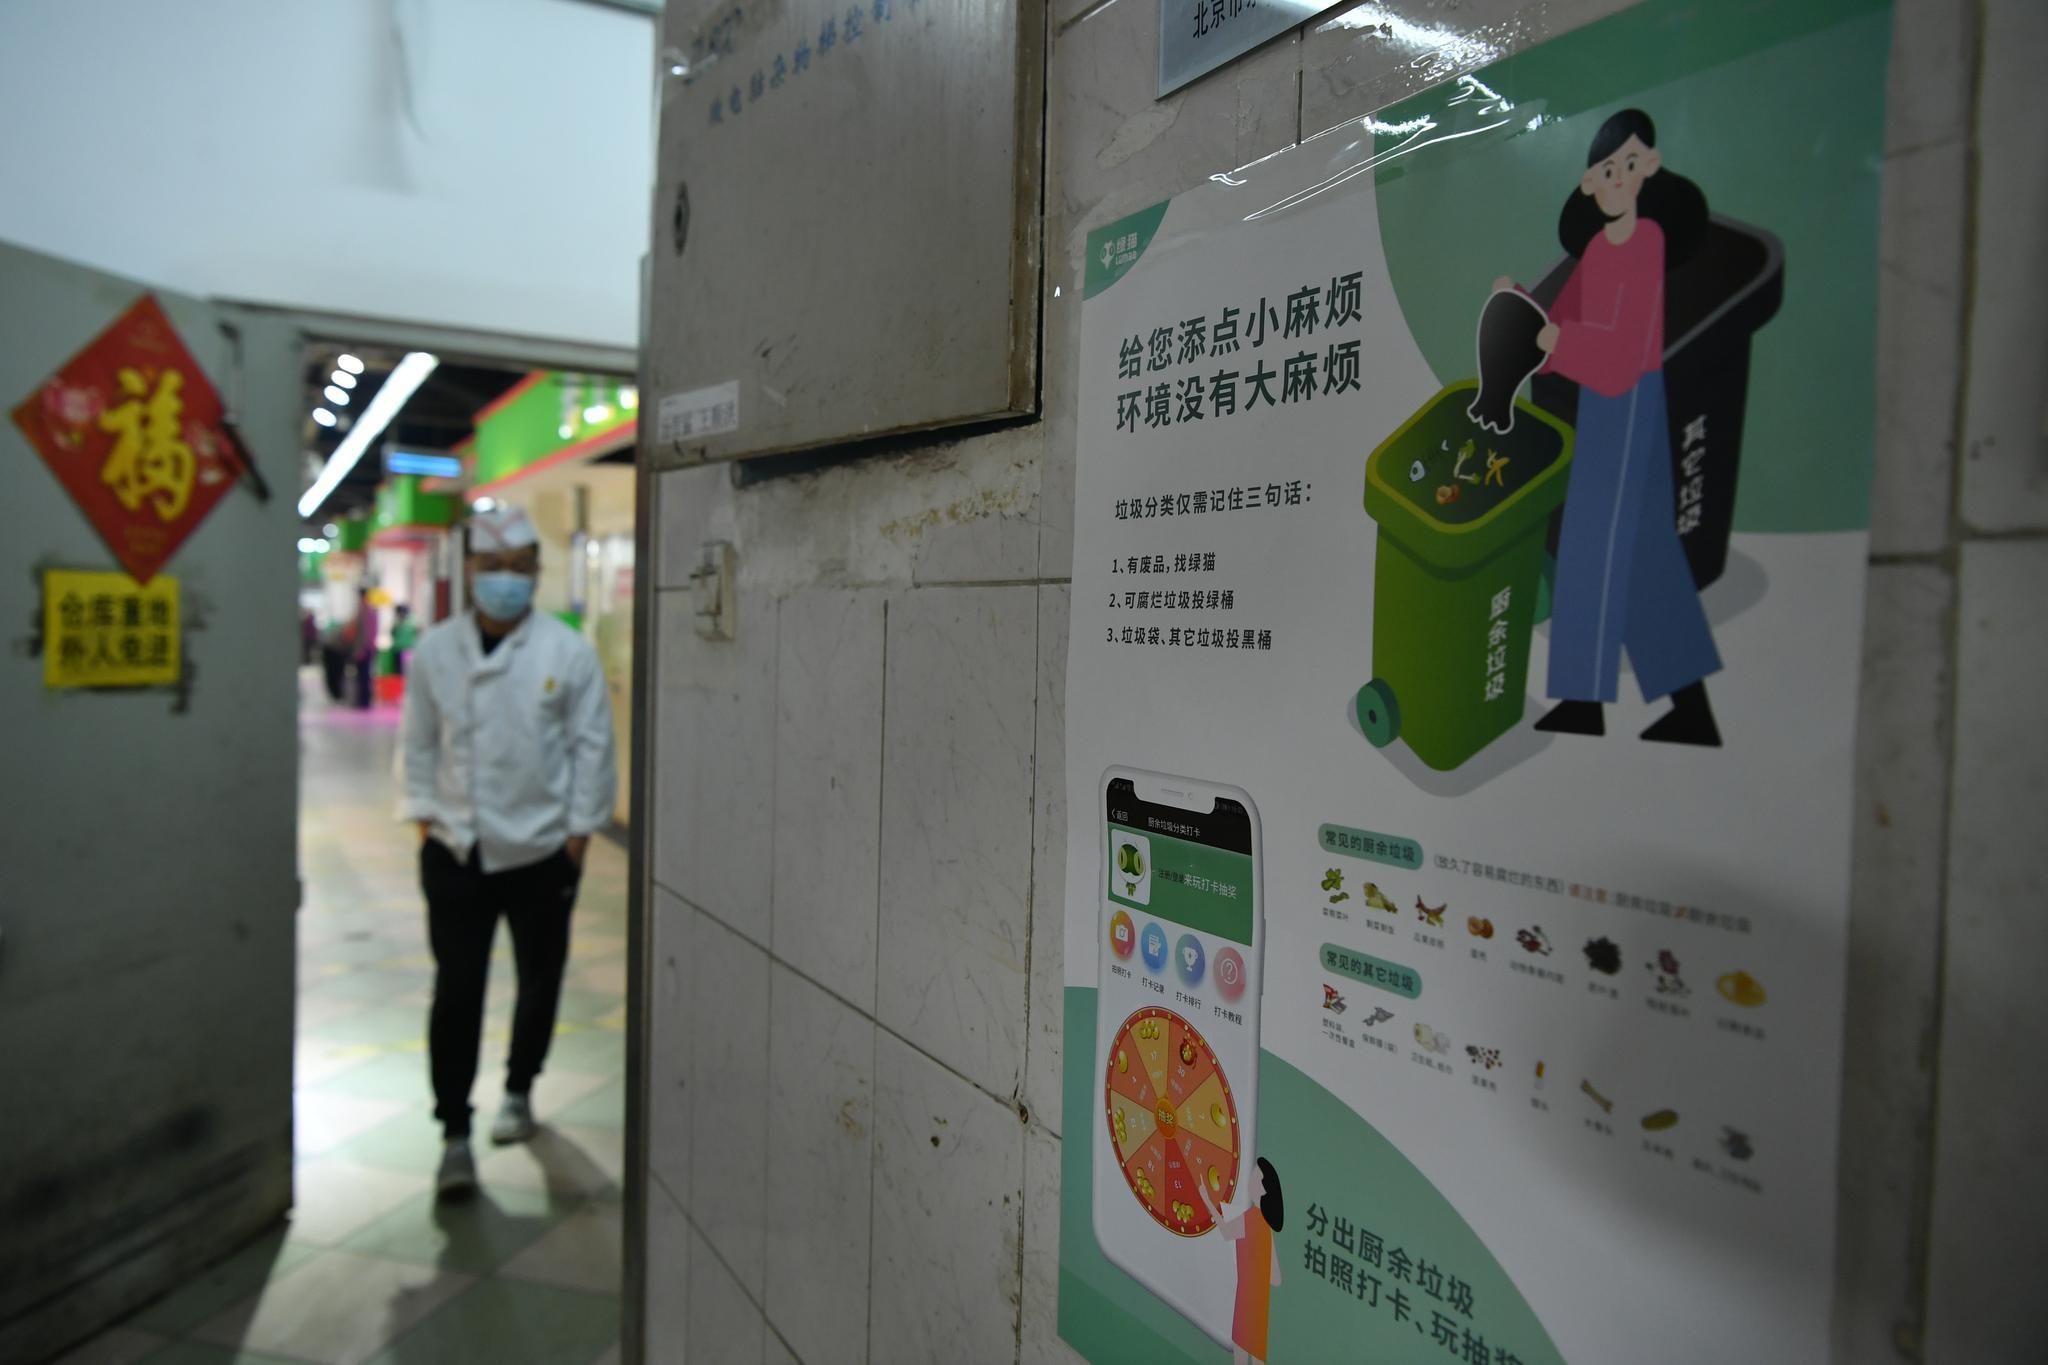 探访:超市有偿提供塑料购物袋,约10%顾客使用